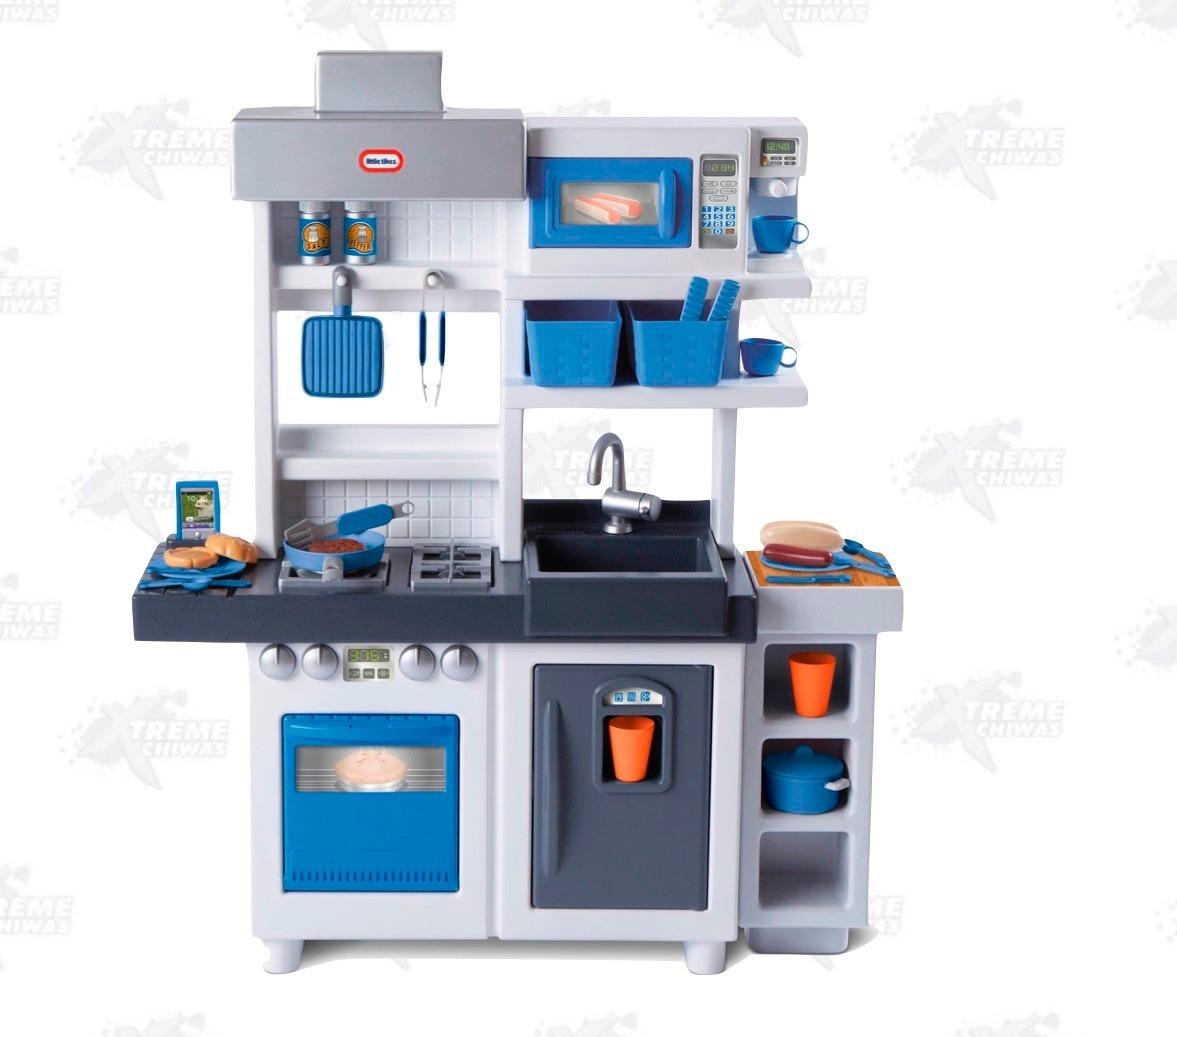 Juguete cocina para ni os completa little tikes xtreme for Cocina ninos juguete